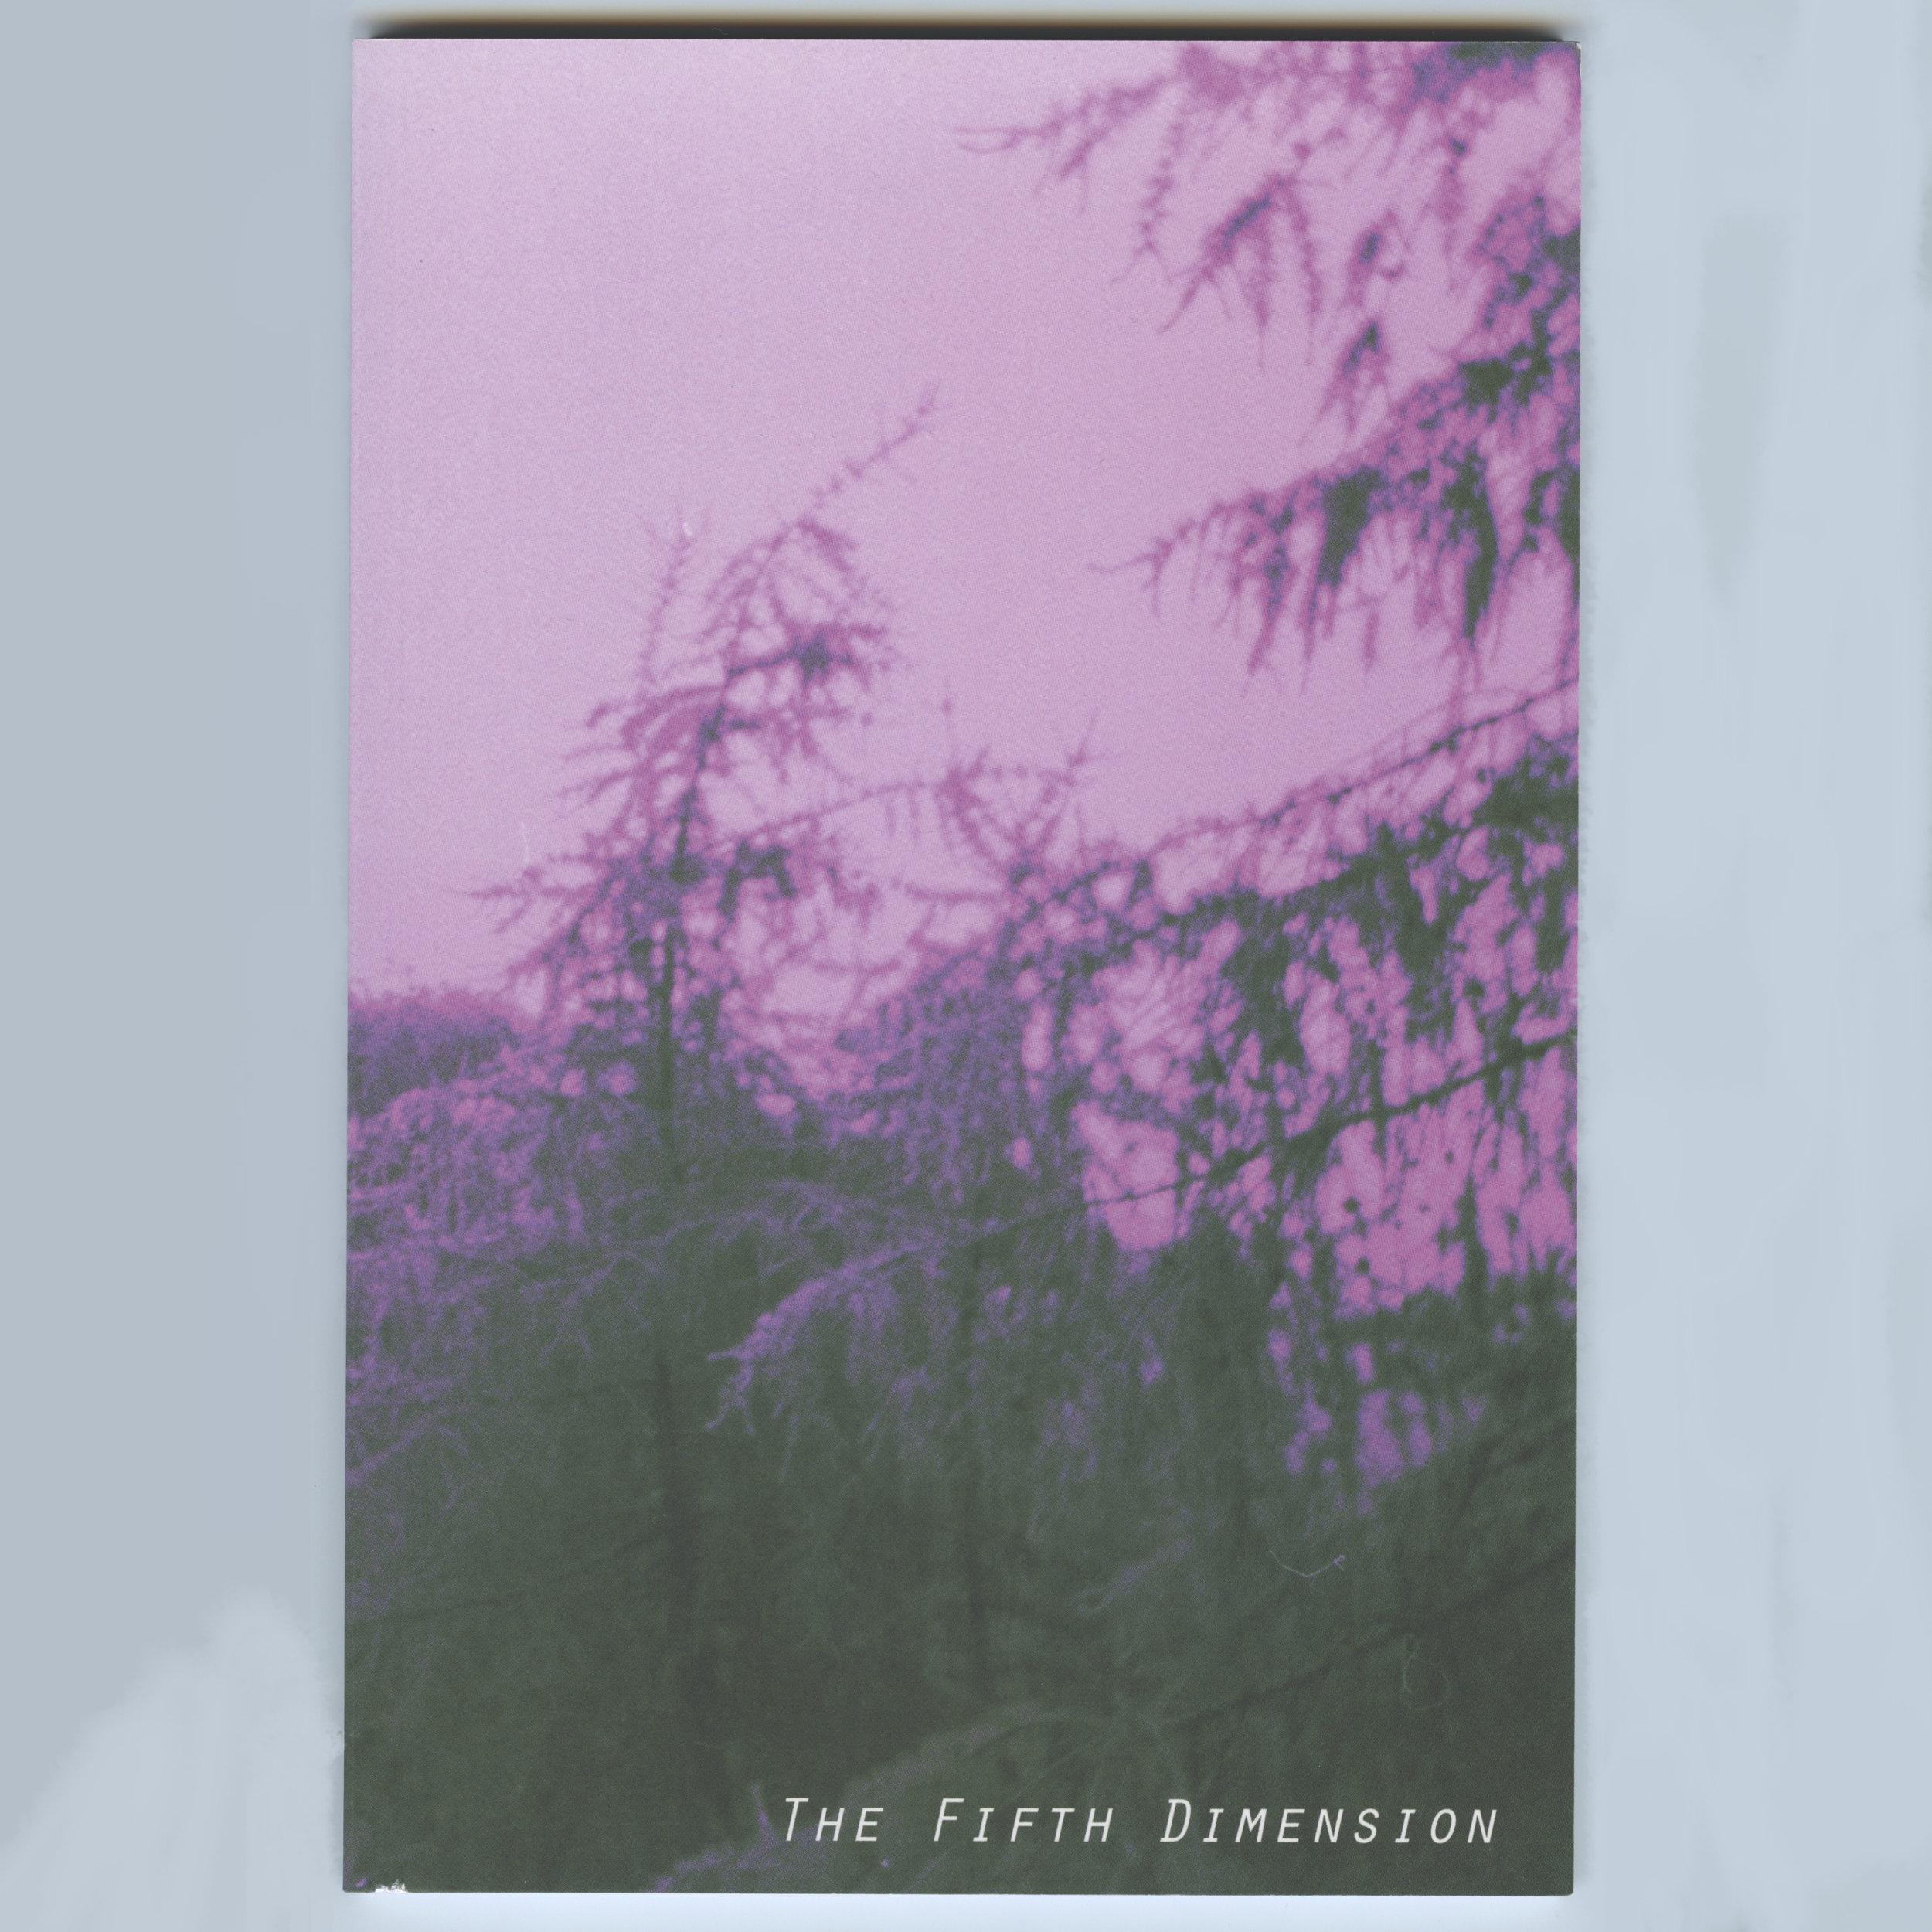 The Fifth Dimension - Steven Cox